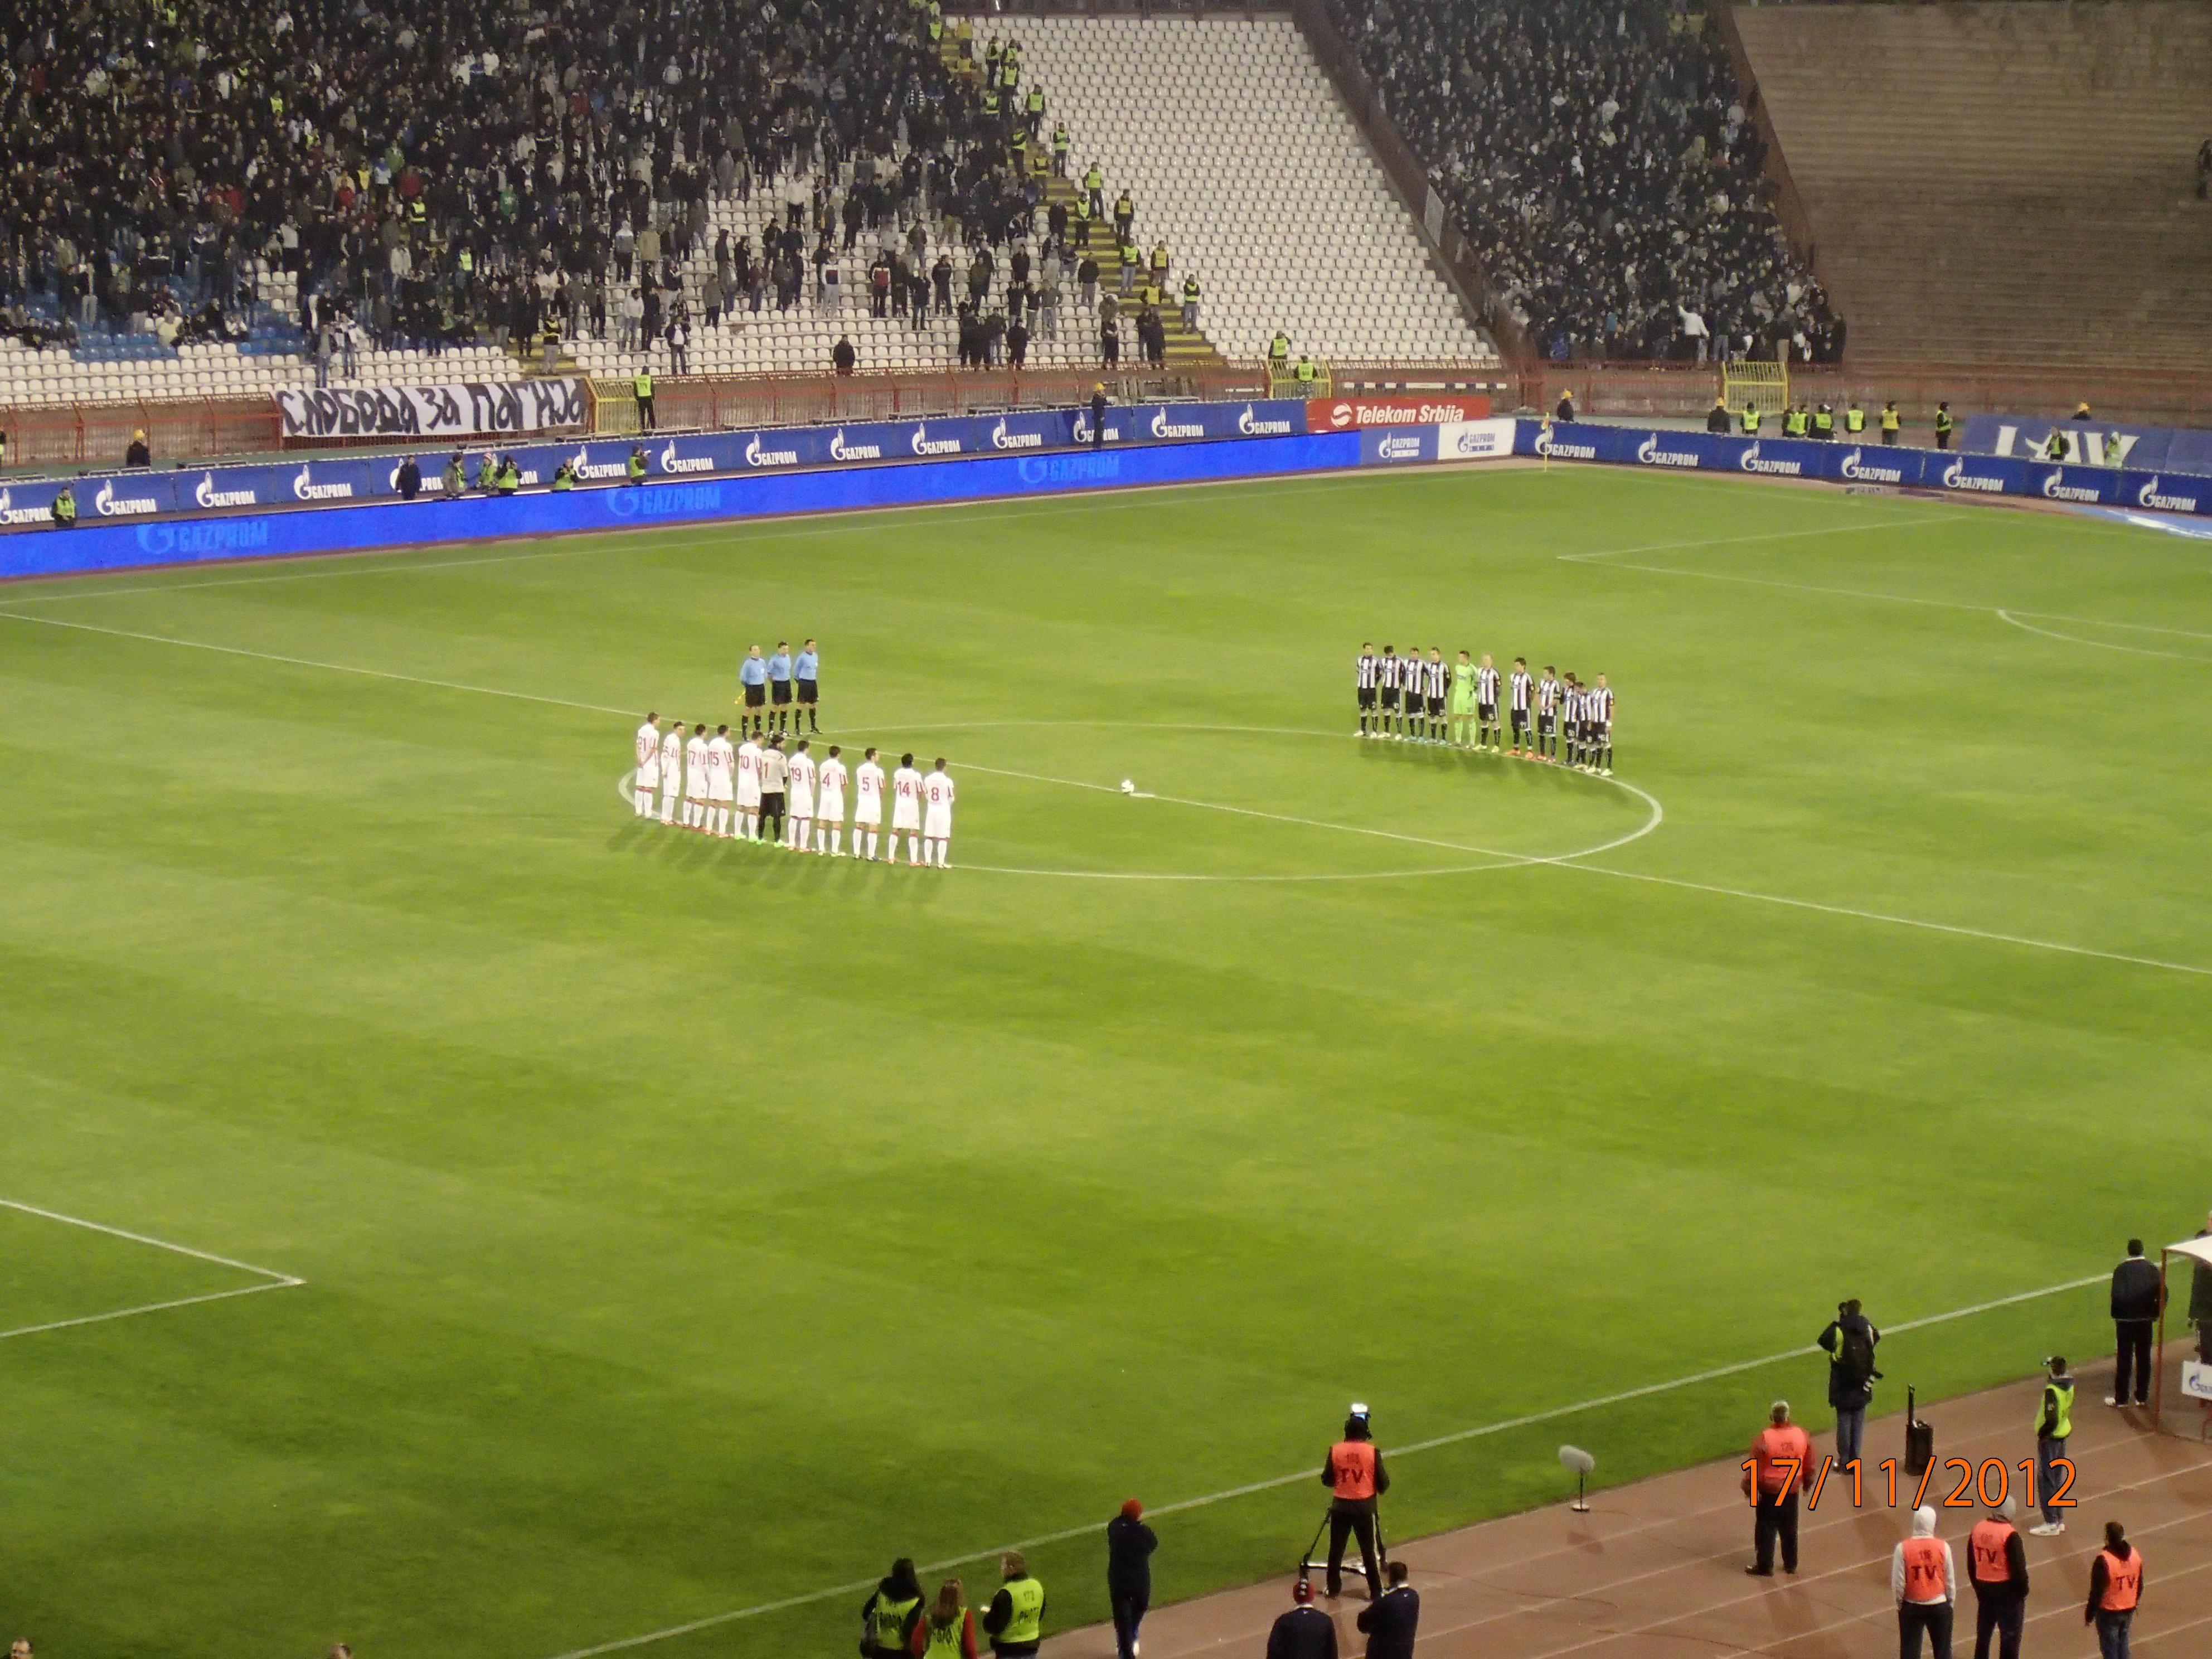 Crvena Zvezda 3 2 Partizan Soccer field, Field, Soccer